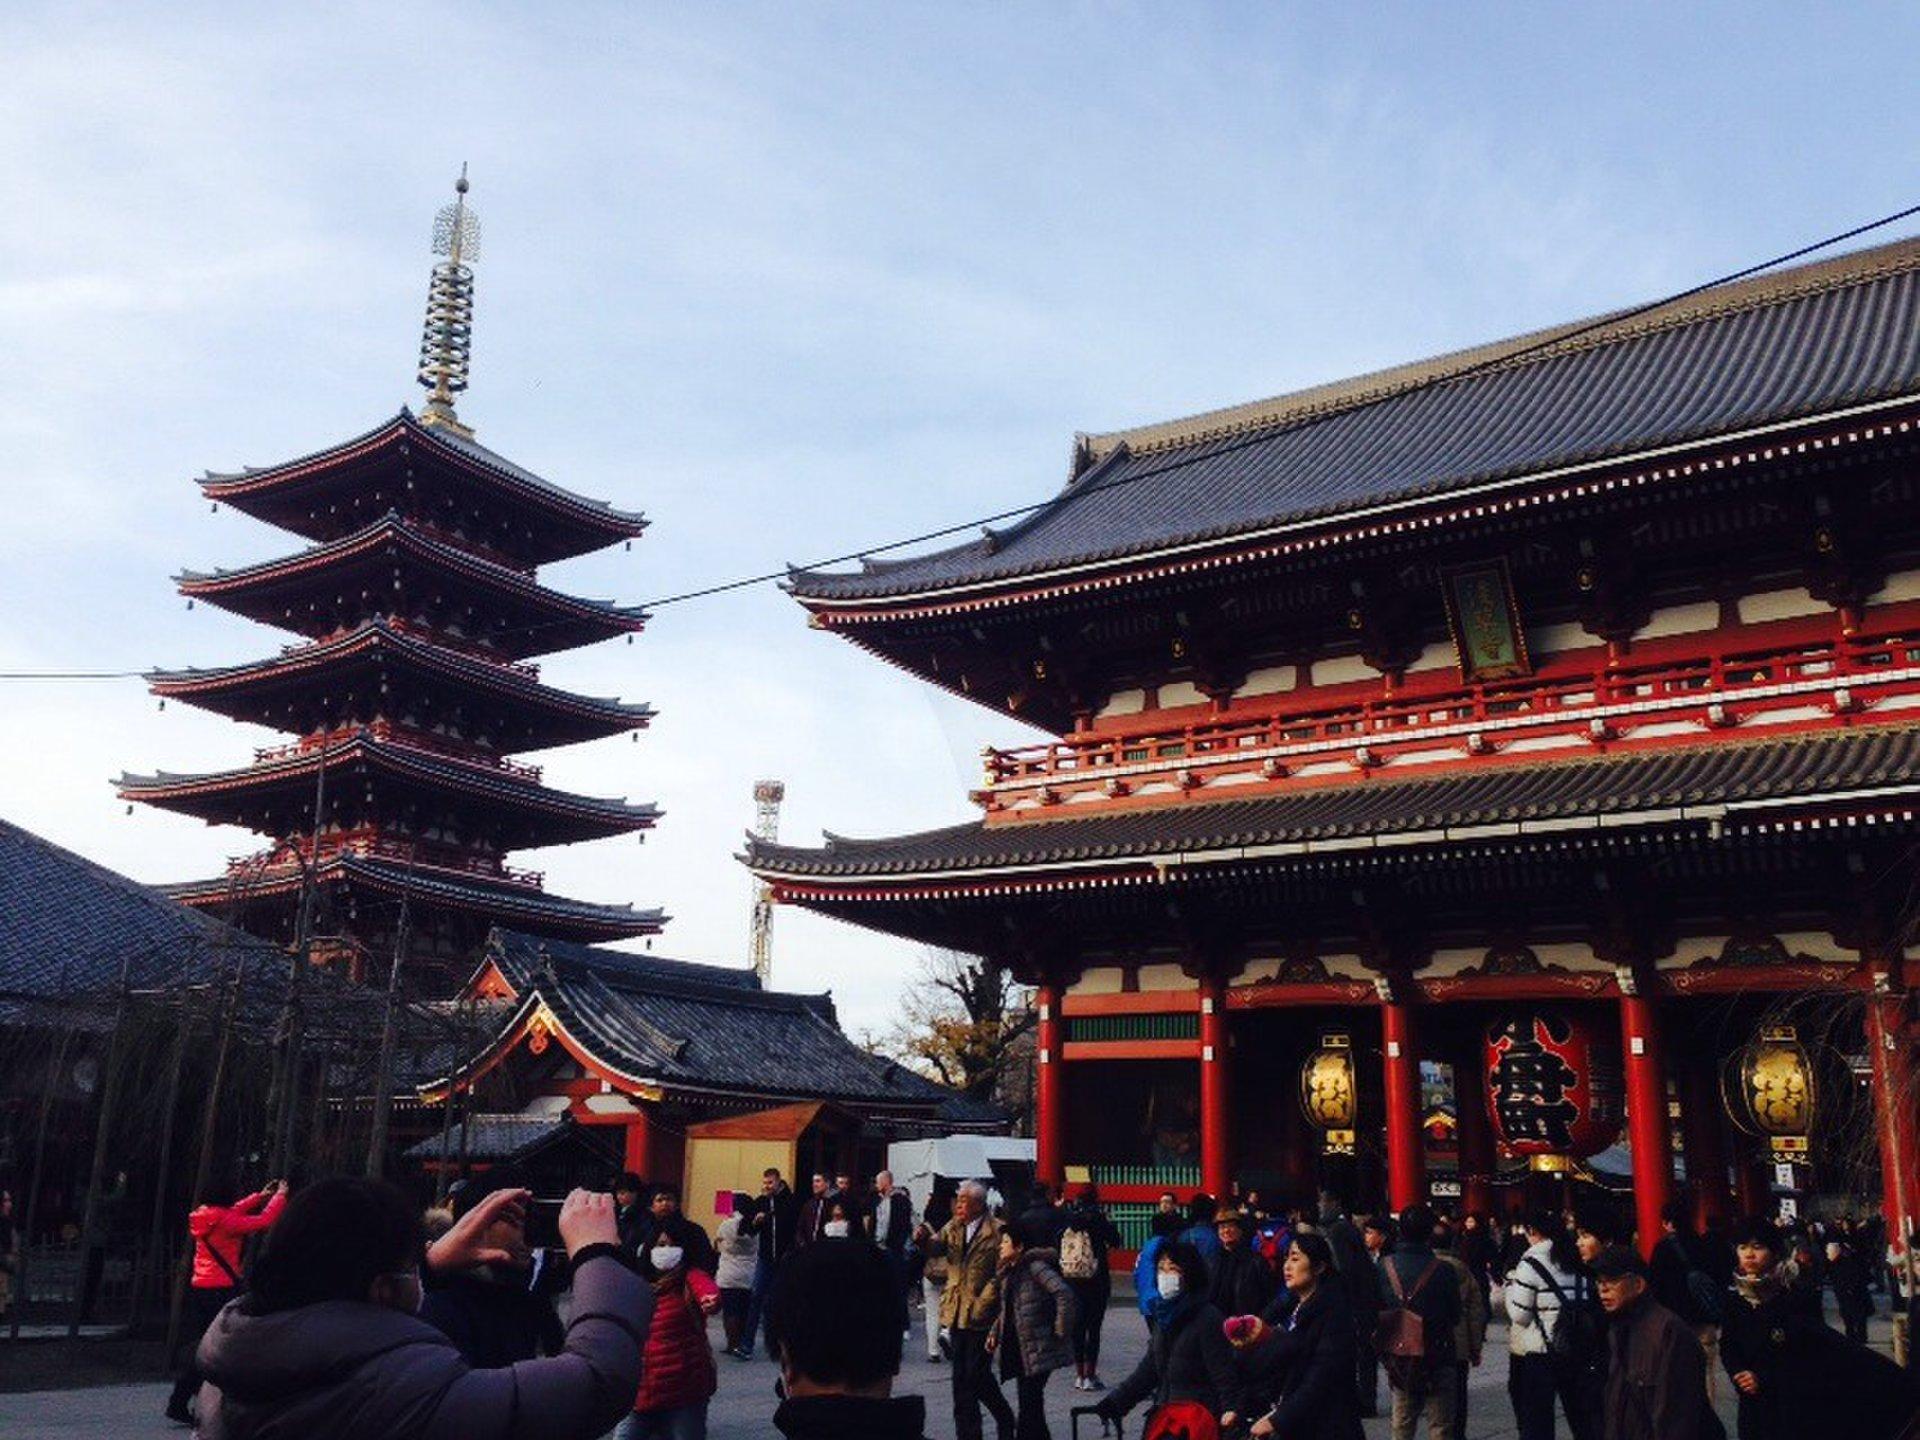 上野・浅草案内するならここ!外国人も喜ぶおすすめ観光スポットの歩き方